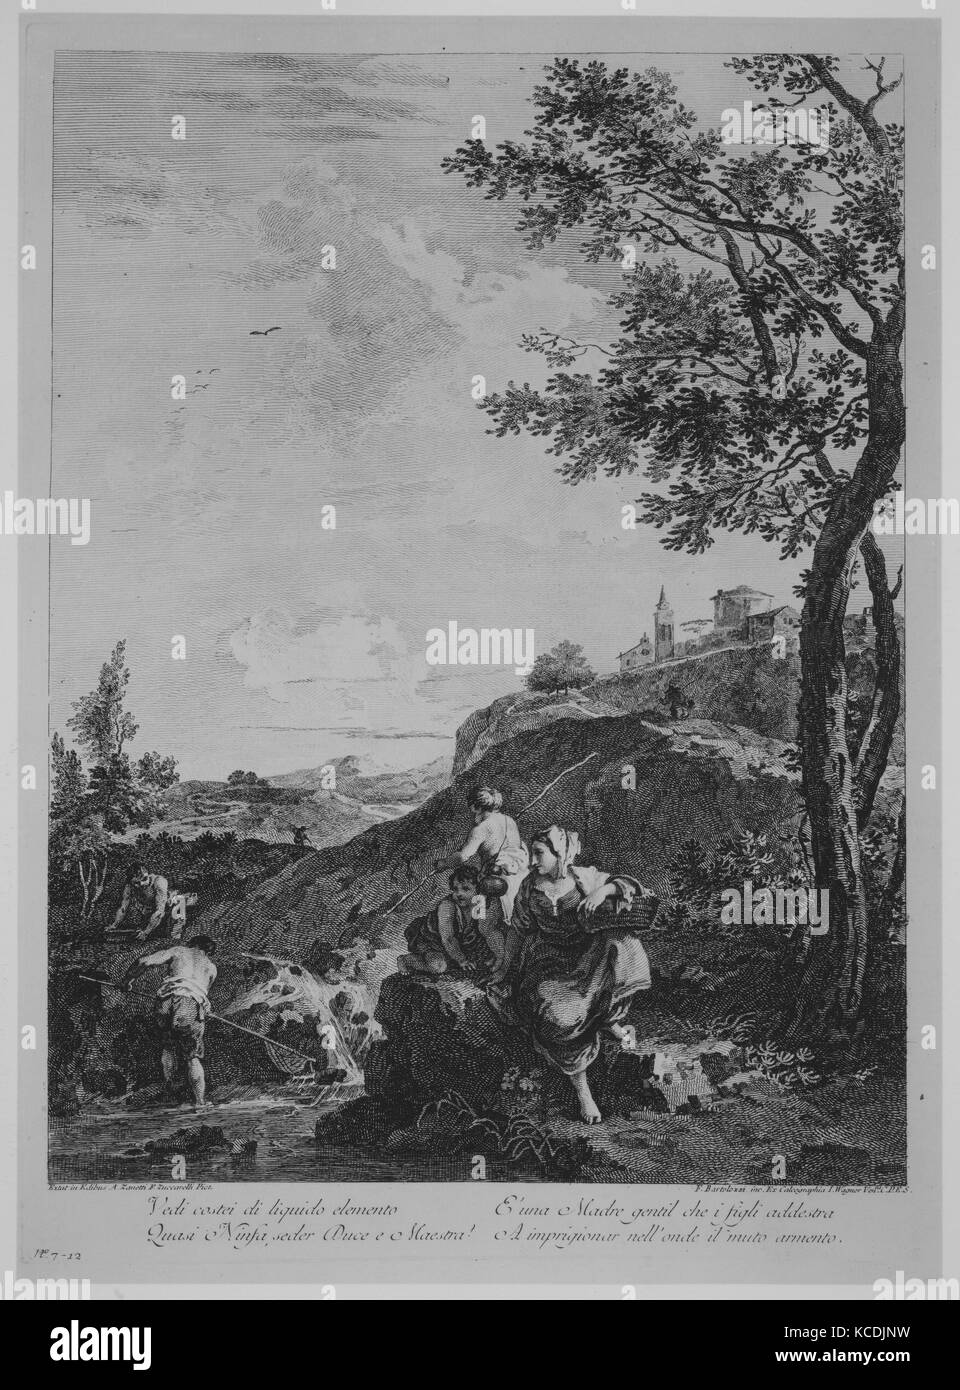 Paesaggio, 'Vedi costei di liquido elemento...', Francesco Bartolozzi, 1762 Immagini Stock